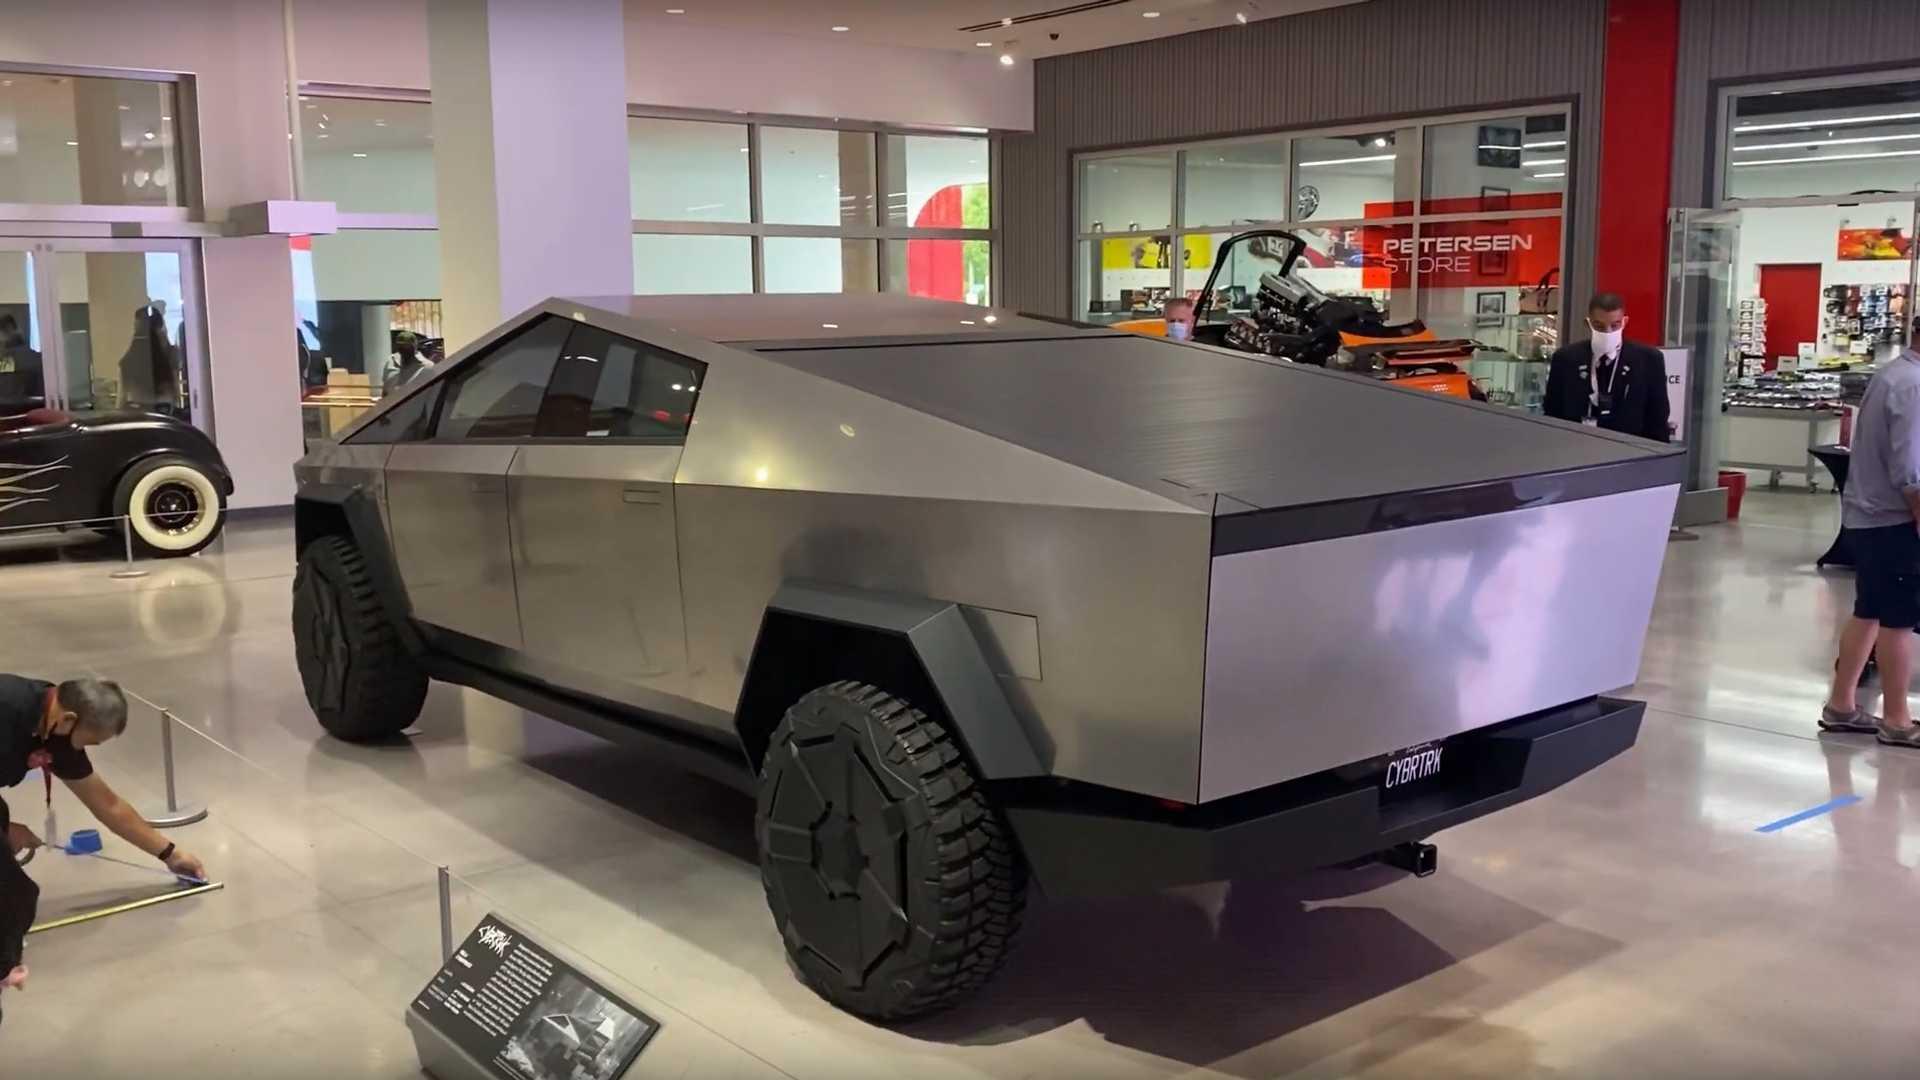 Изображения И Видео Тесла Cybertruck В Автомобильный Музей Петерсена